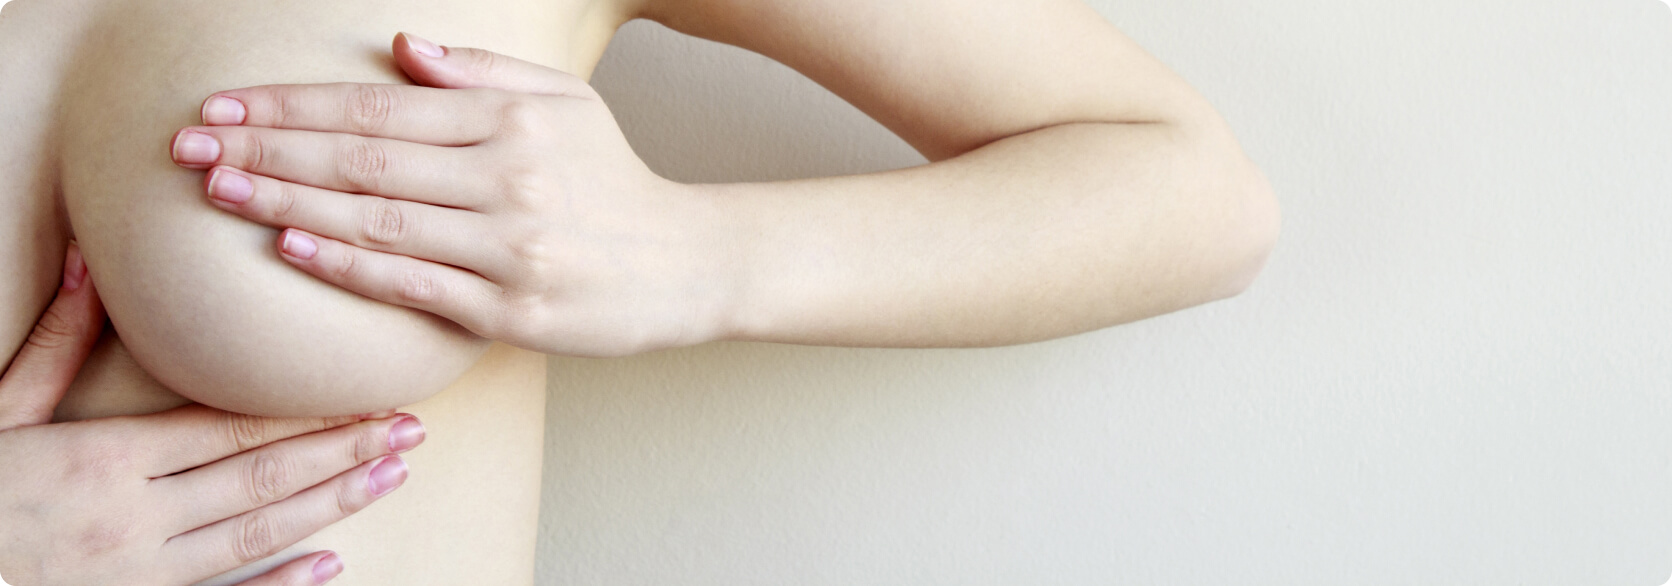 Schwangerschaft vorher nachher brustwarzen Bruststraffung Zürich: